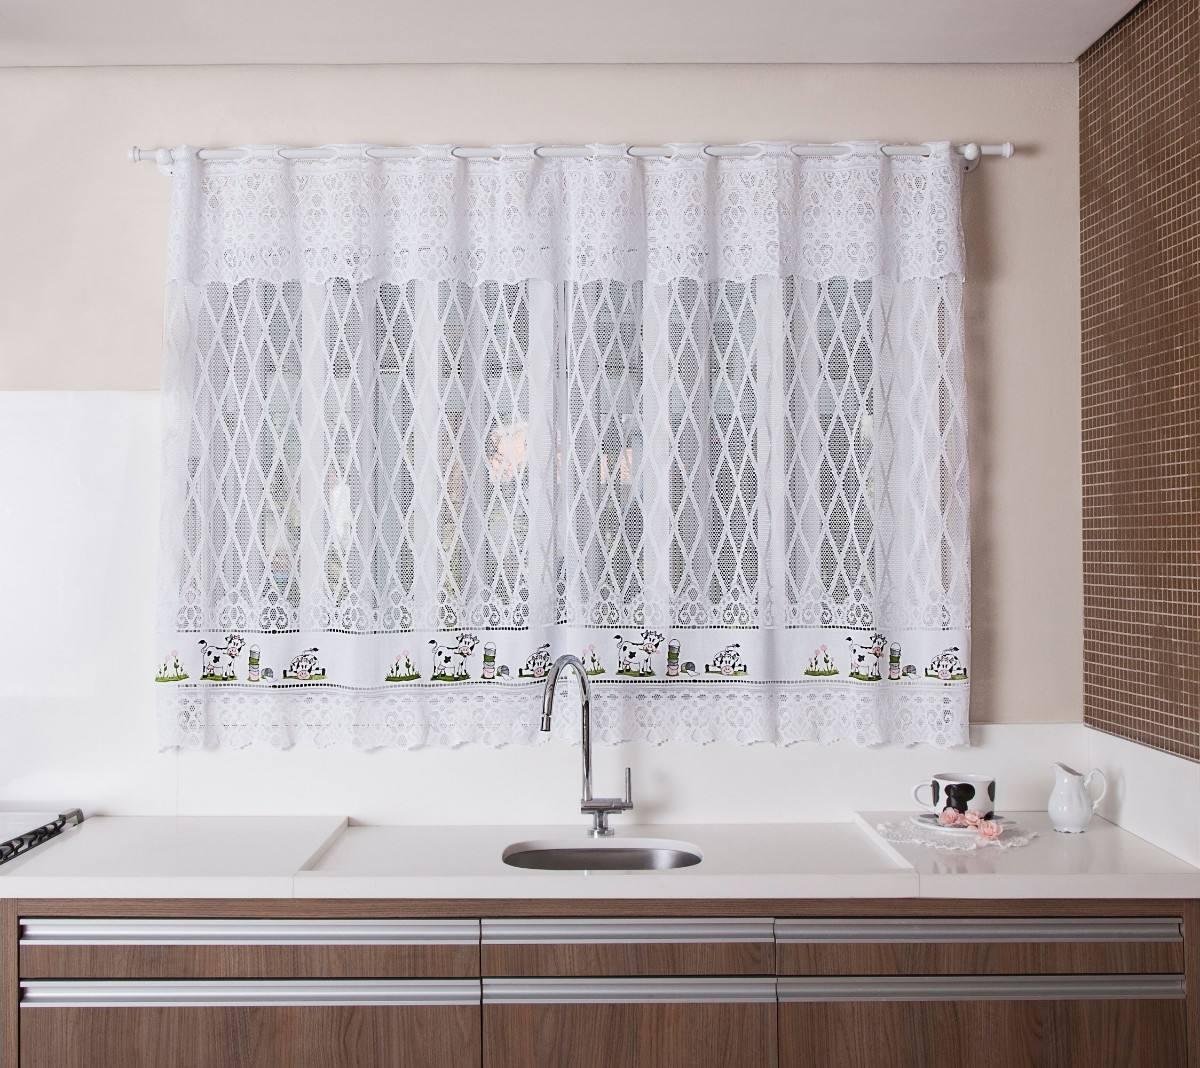 Cortina Para Cozinha Decorada Cortinas Para Cozinha Fotos E Modelos  #48342C 1200x1068 Banheiro Com Janela Em Cima Da Pia